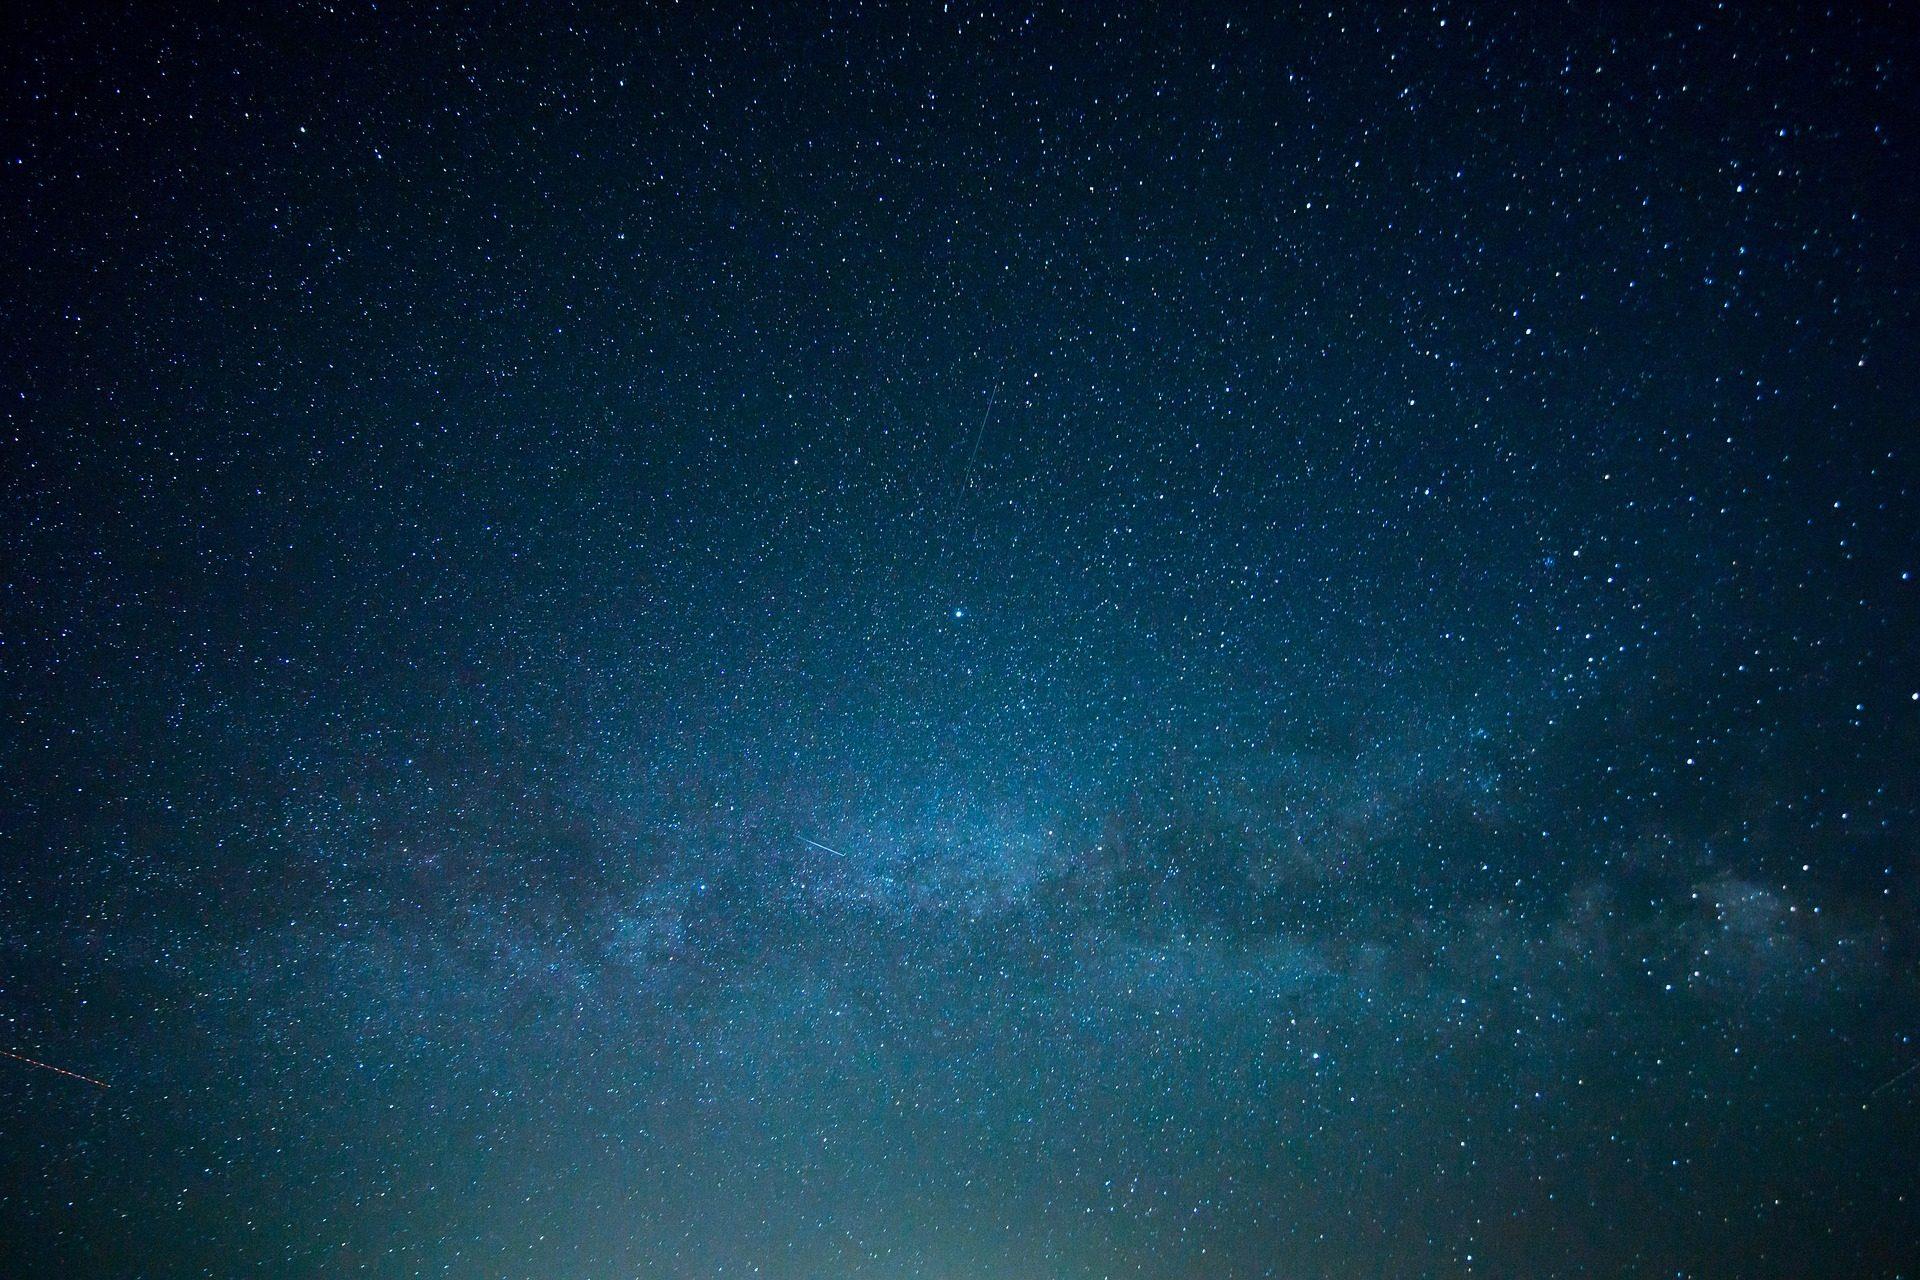 Papel De Parede Do C U Noite Estrela Firmamento Universo  -> Imagens Do Universo Para Papel De Parede